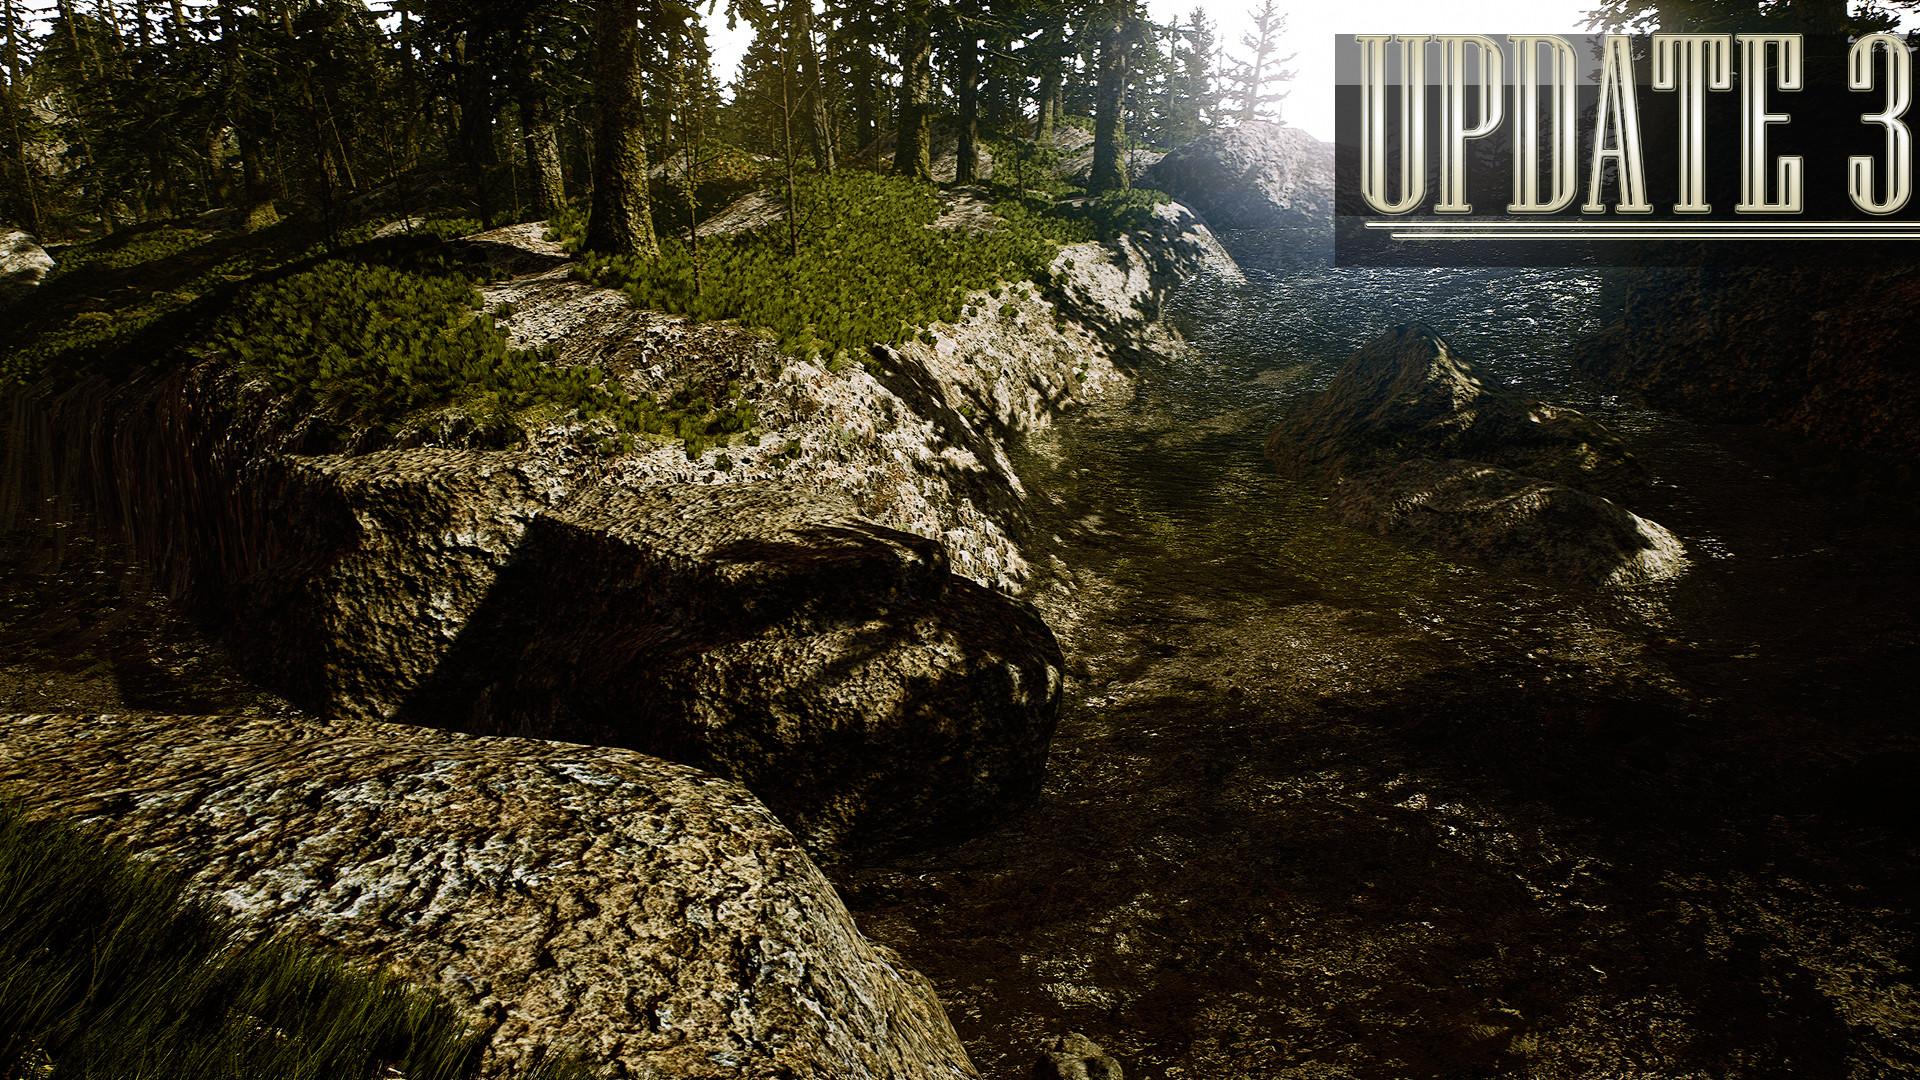 ArtStation - Peaceful Valley River | Version 3 0 , Vincent